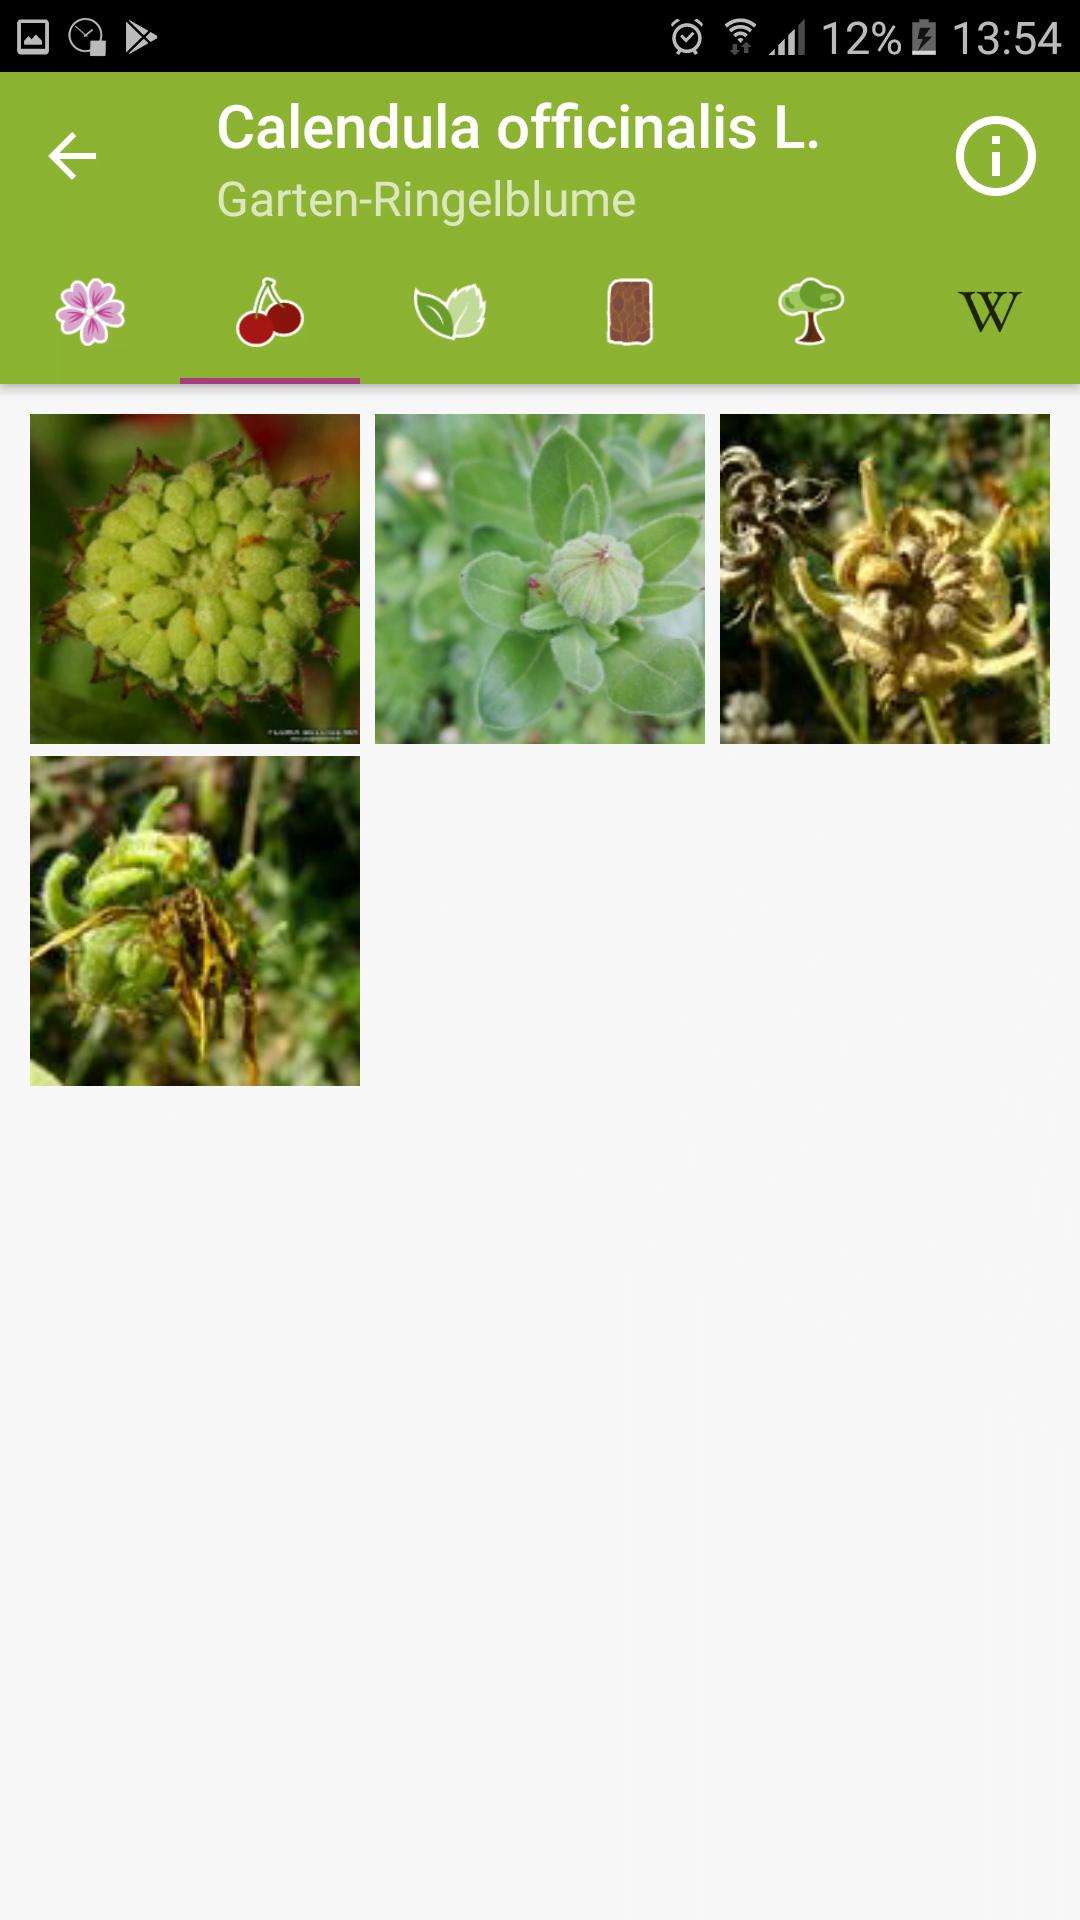 Fotosammlung zu Frucht einer Art